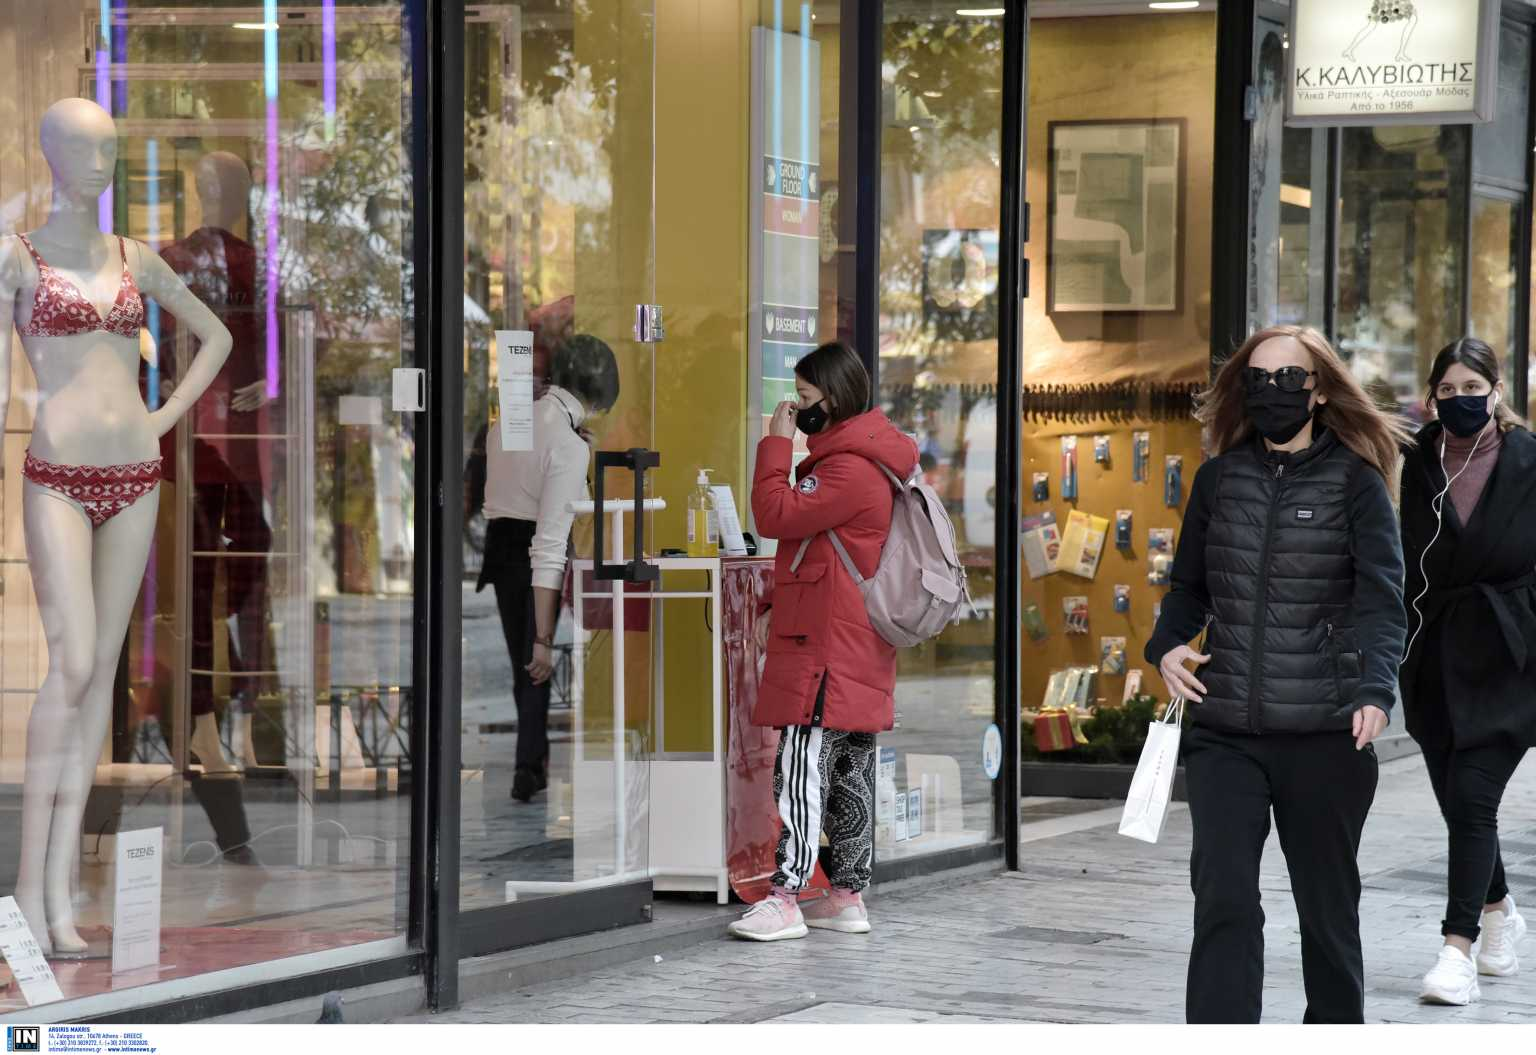 Πελώνη: Νέα μέτρα στήριξης για τις επιχειρήσεις που θα μείνουν κλειστές τον Απρίλιο